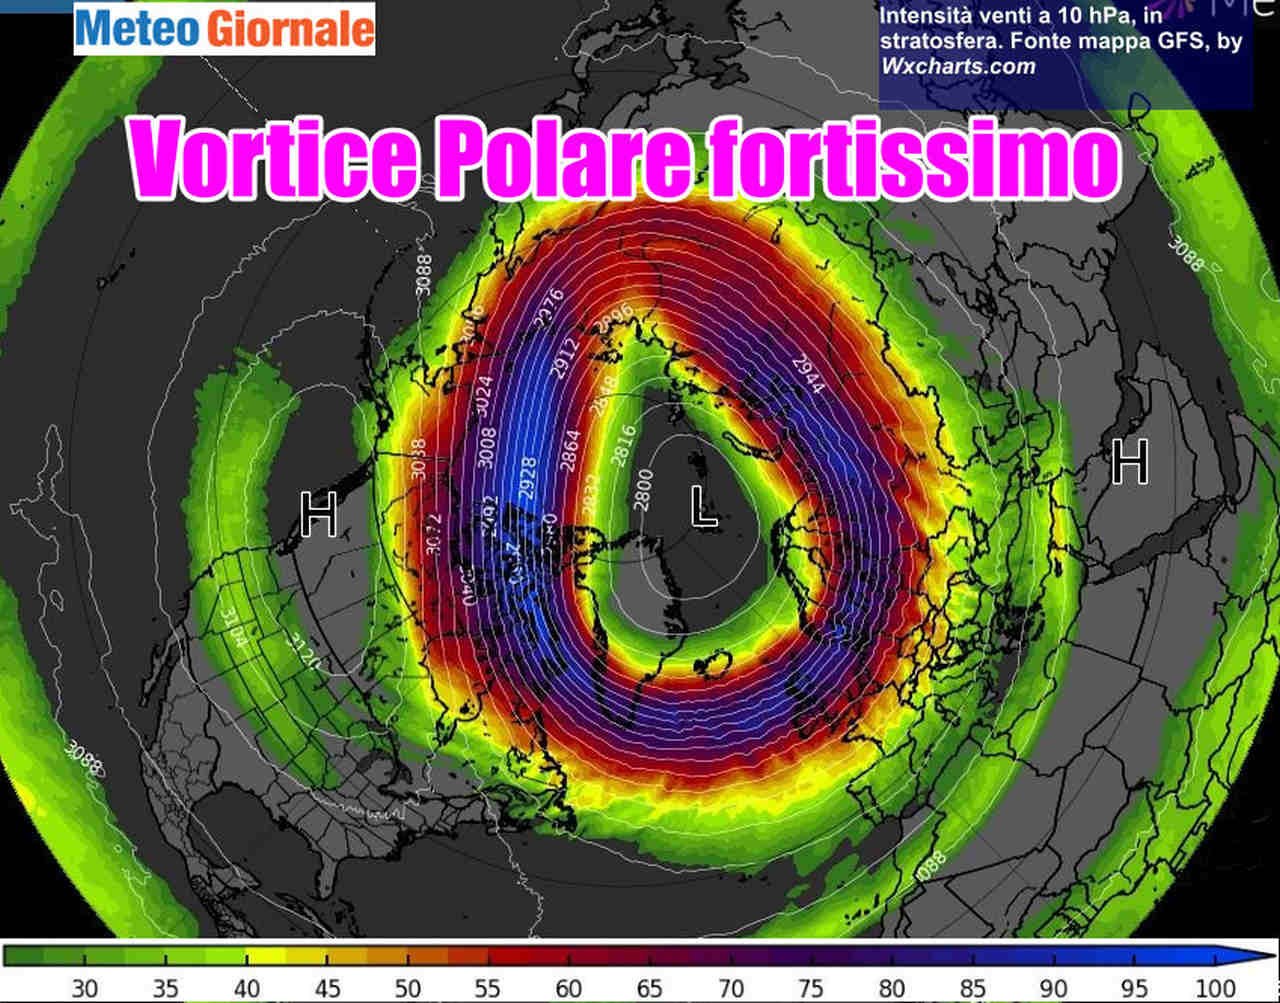 immagine 1 articolo vortice polare da record ao index livelli altissimi